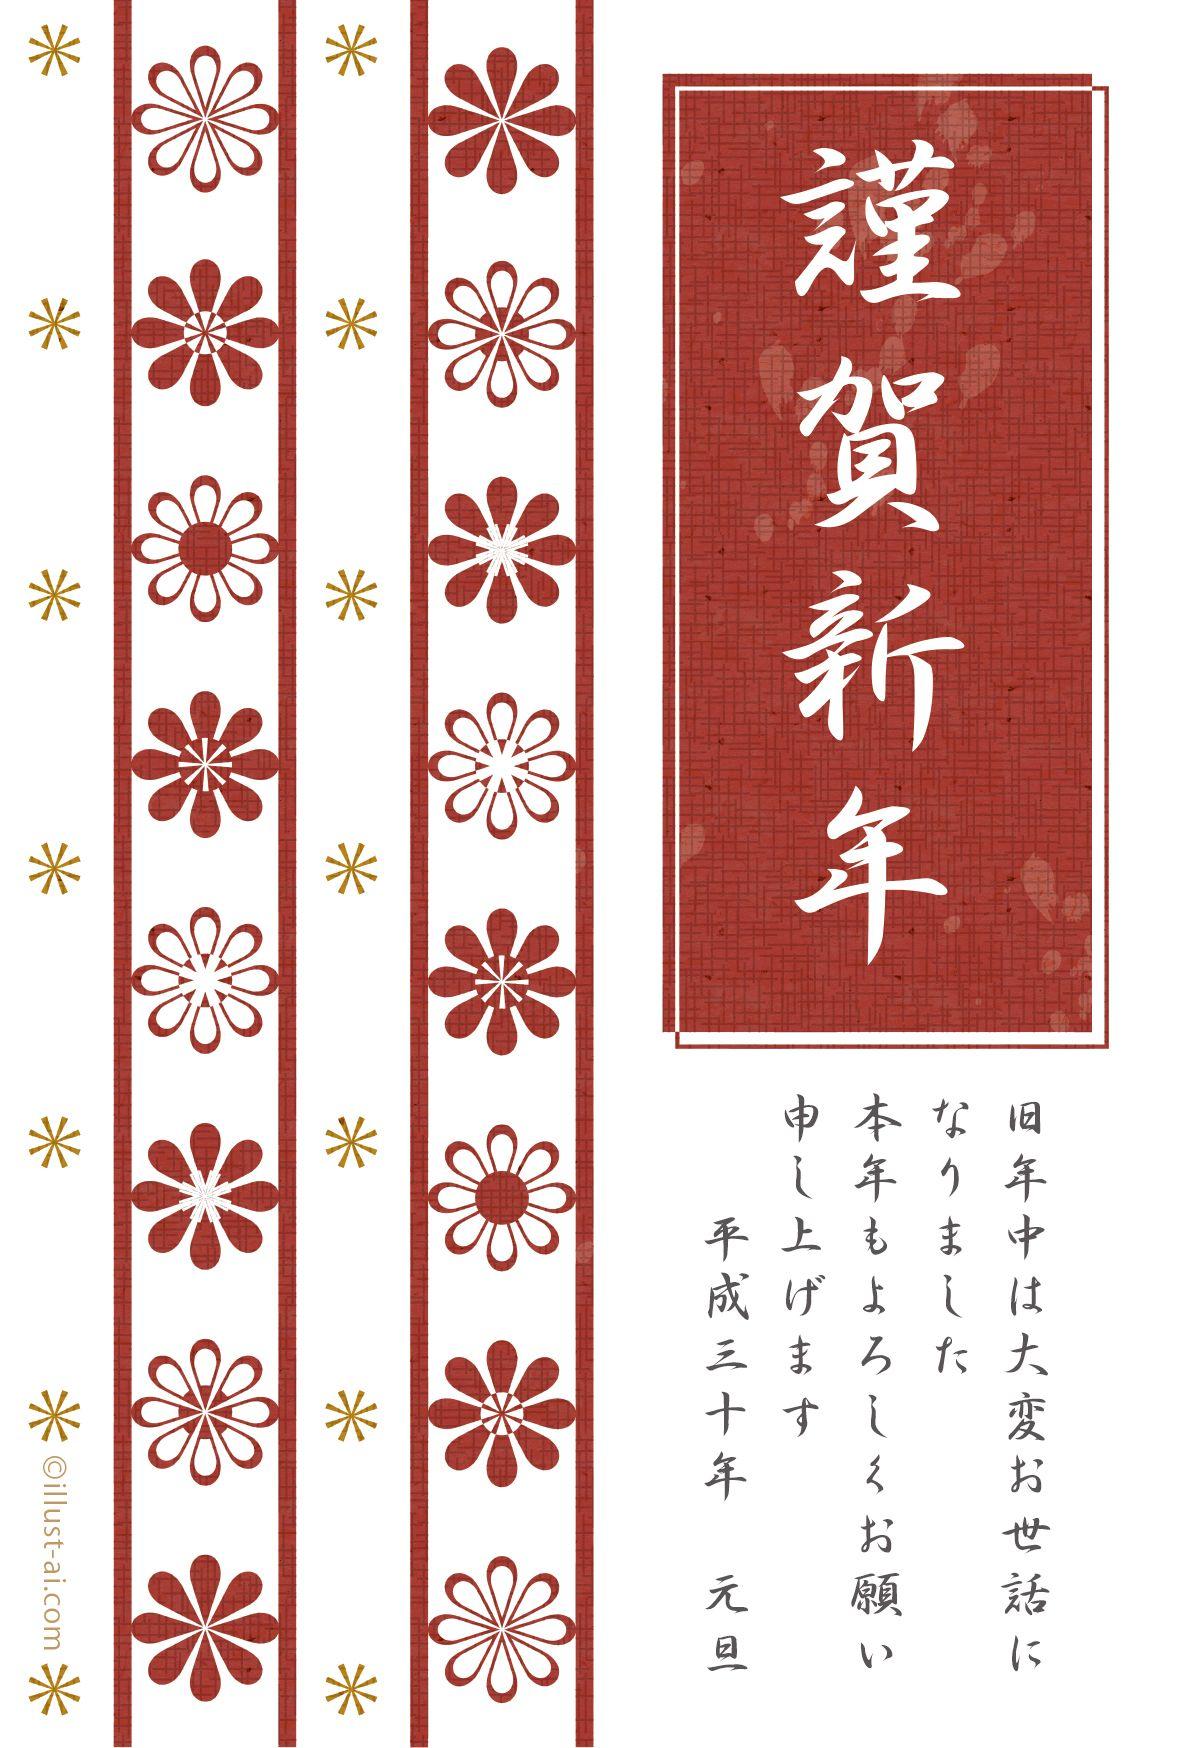 筆文字風の文字がカッコイイ和のデザイン年賀状 年賀状 2018 筆文字